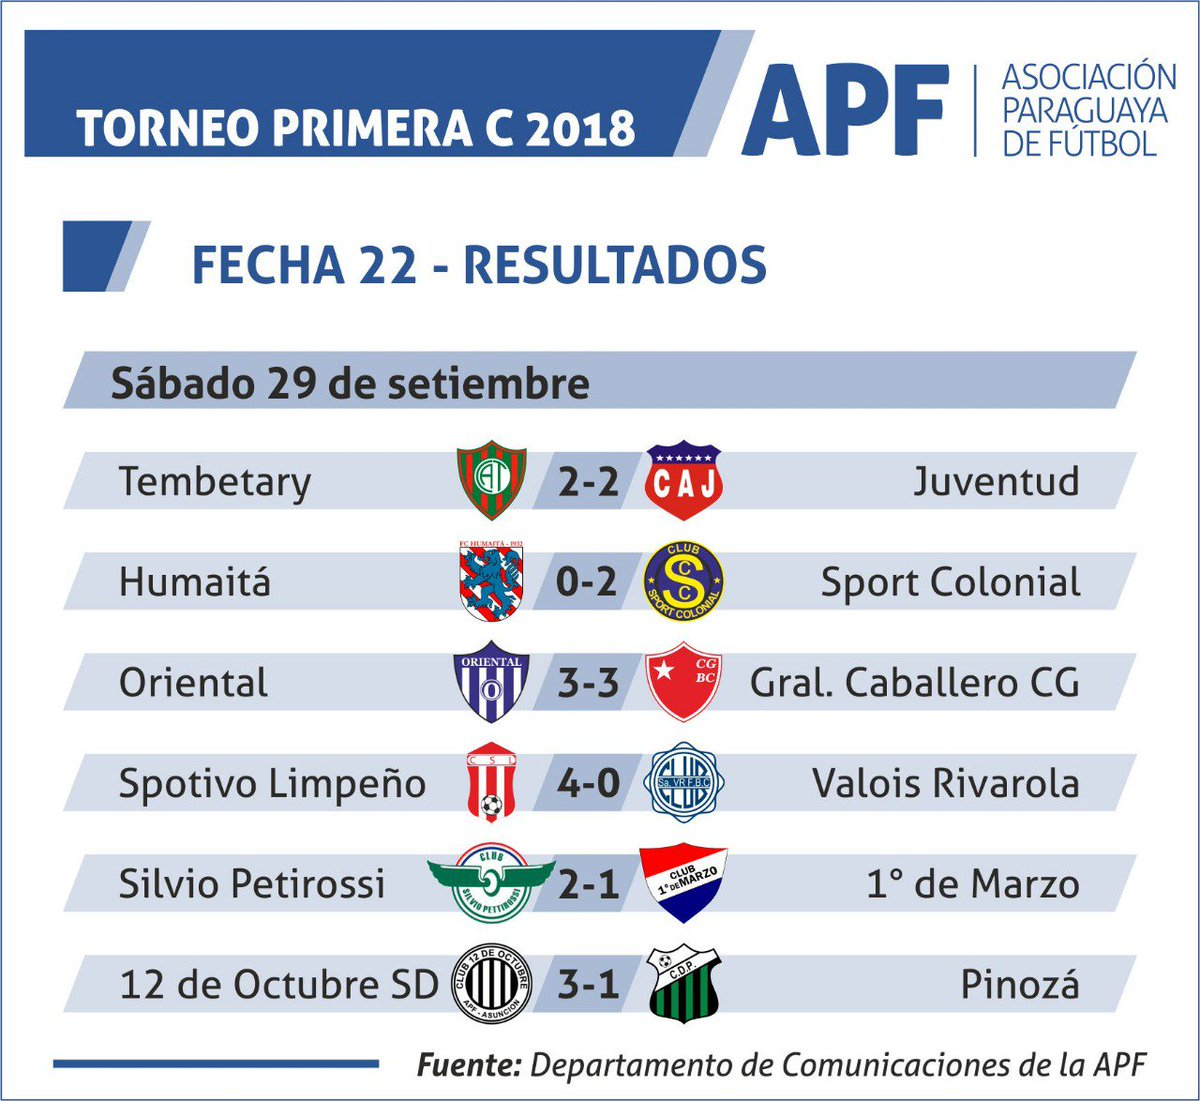 venta caliente barato distribuidor mayorista disfrute del envío de cortesía APF Primera División B on Twitter: